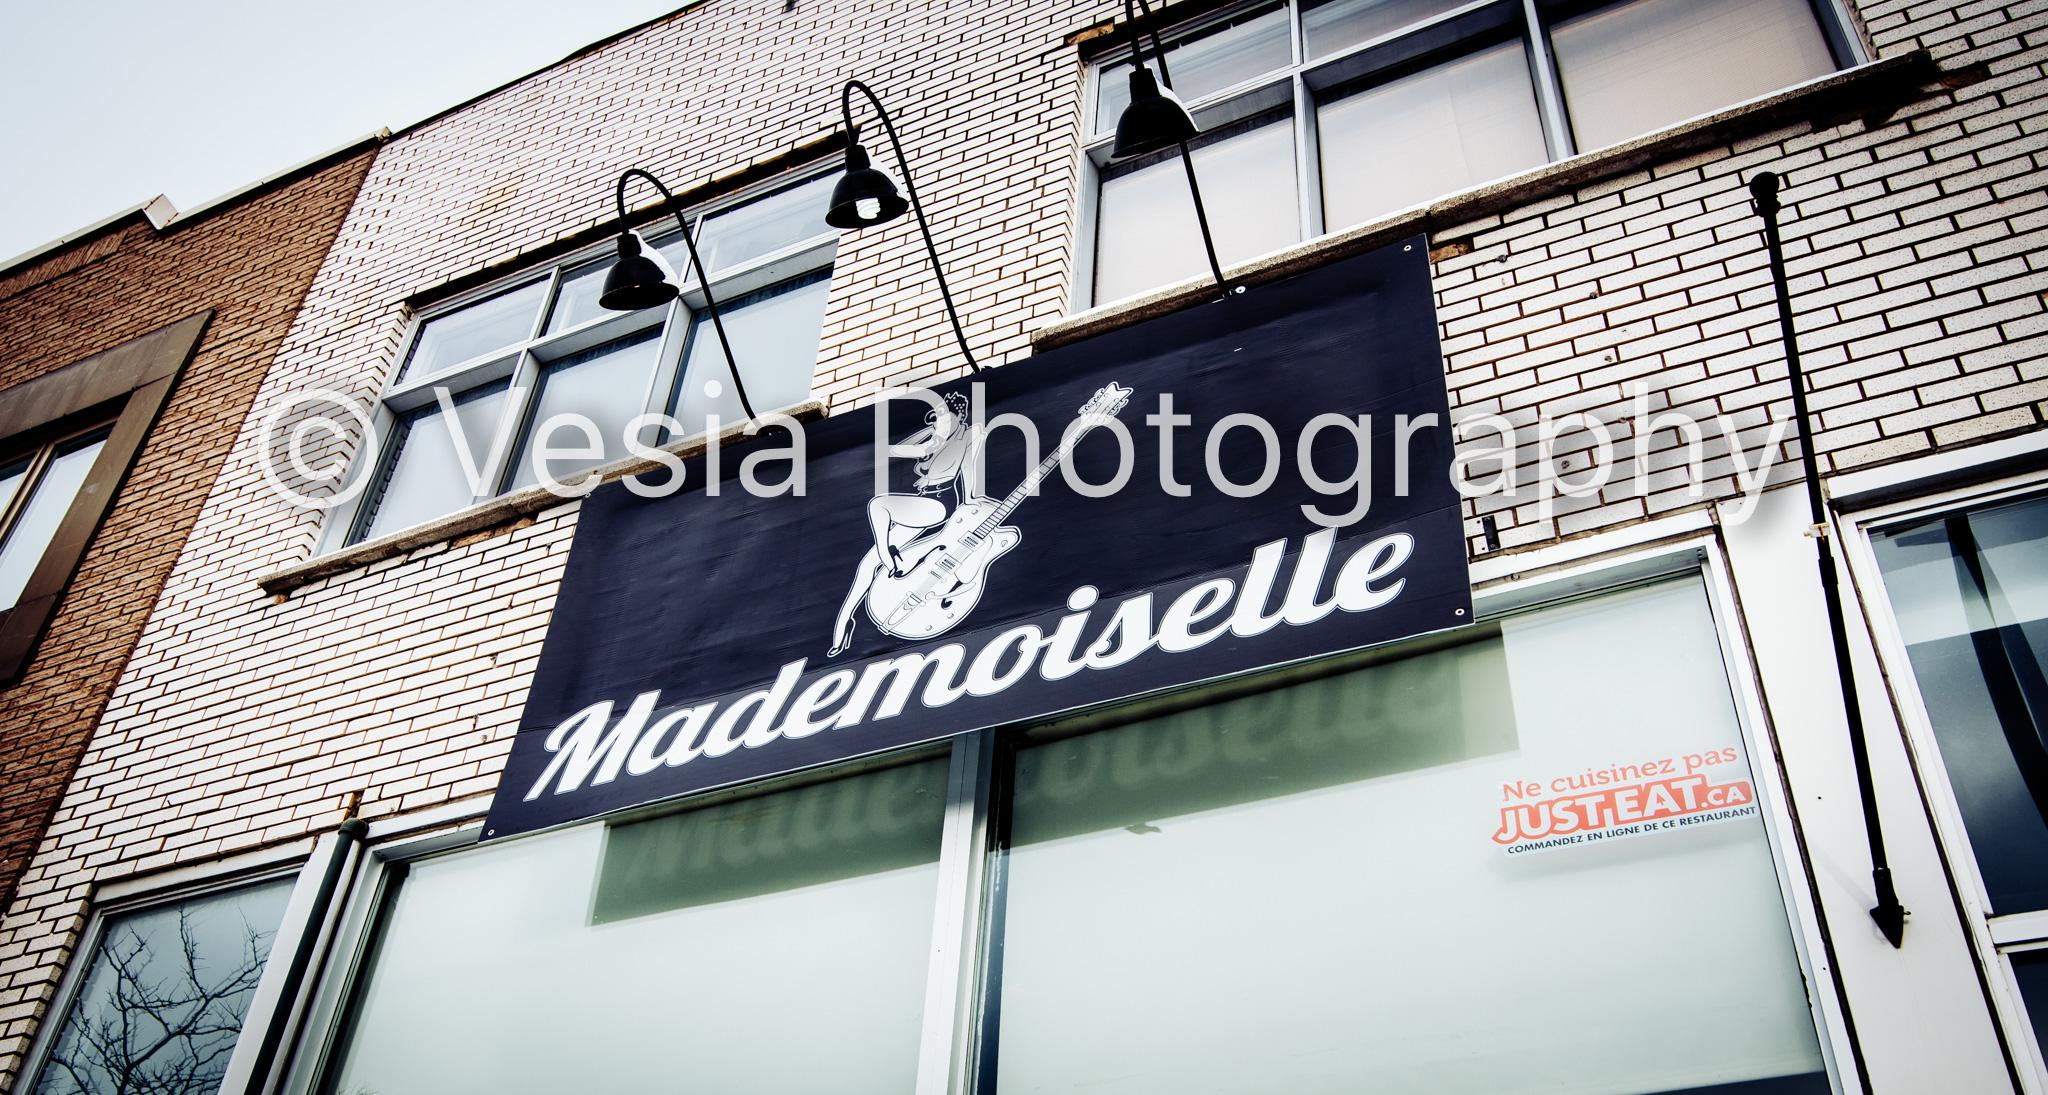 Mademoiselle_Proofs-1.jpg